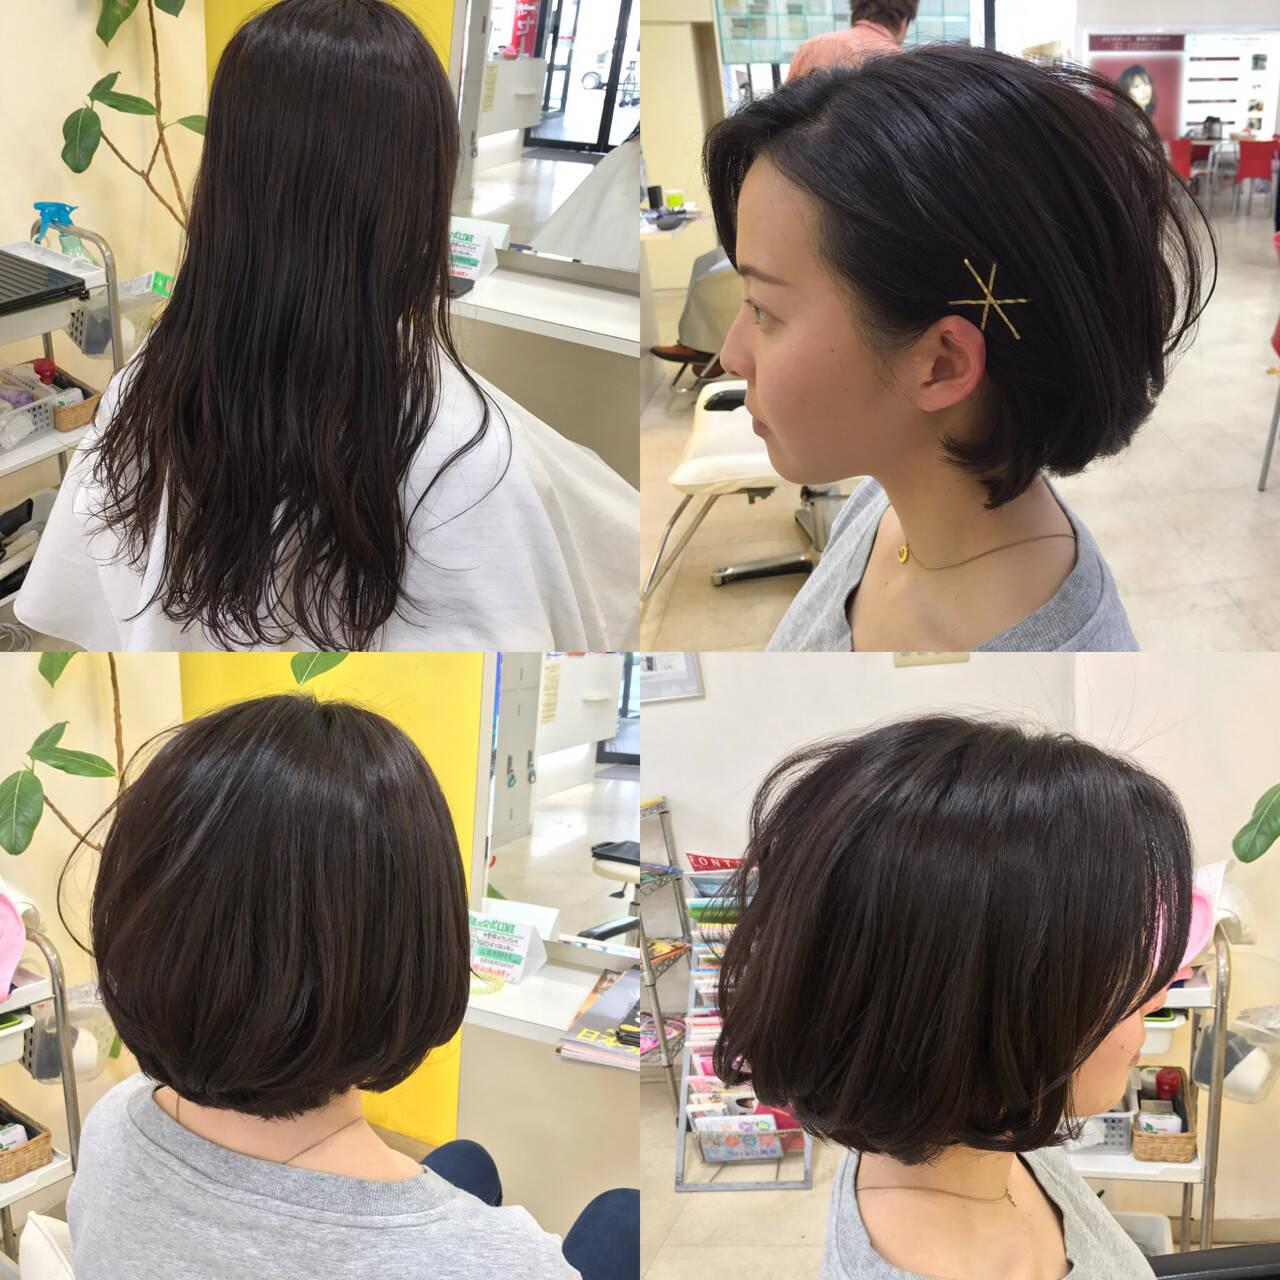 ボブ ナチュラル ヘアアクセ 簡単ヘアアレンジヘアスタイルや髪型の写真・画像